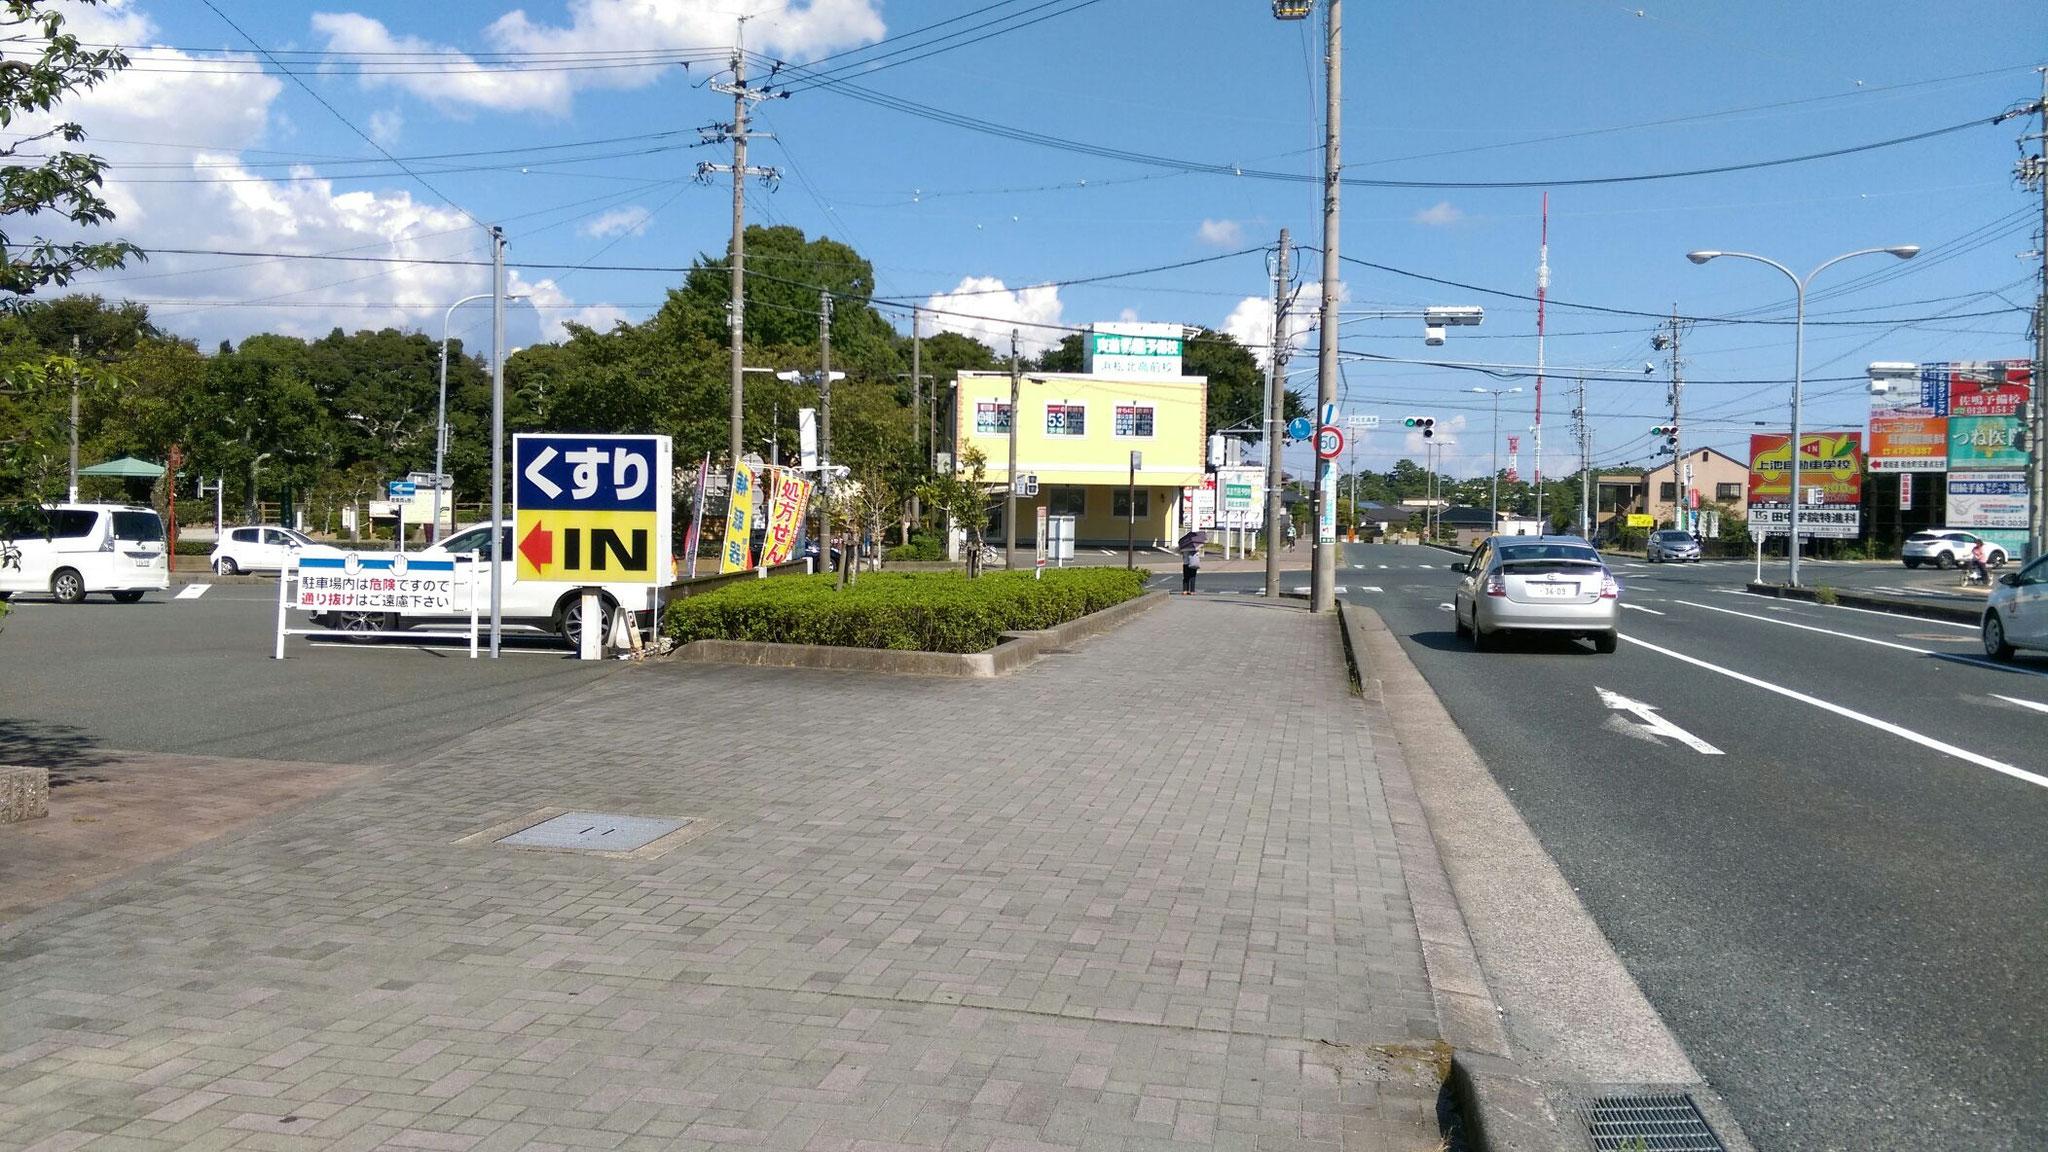 舘山寺街道 冨塚方面からの駐車場入り口